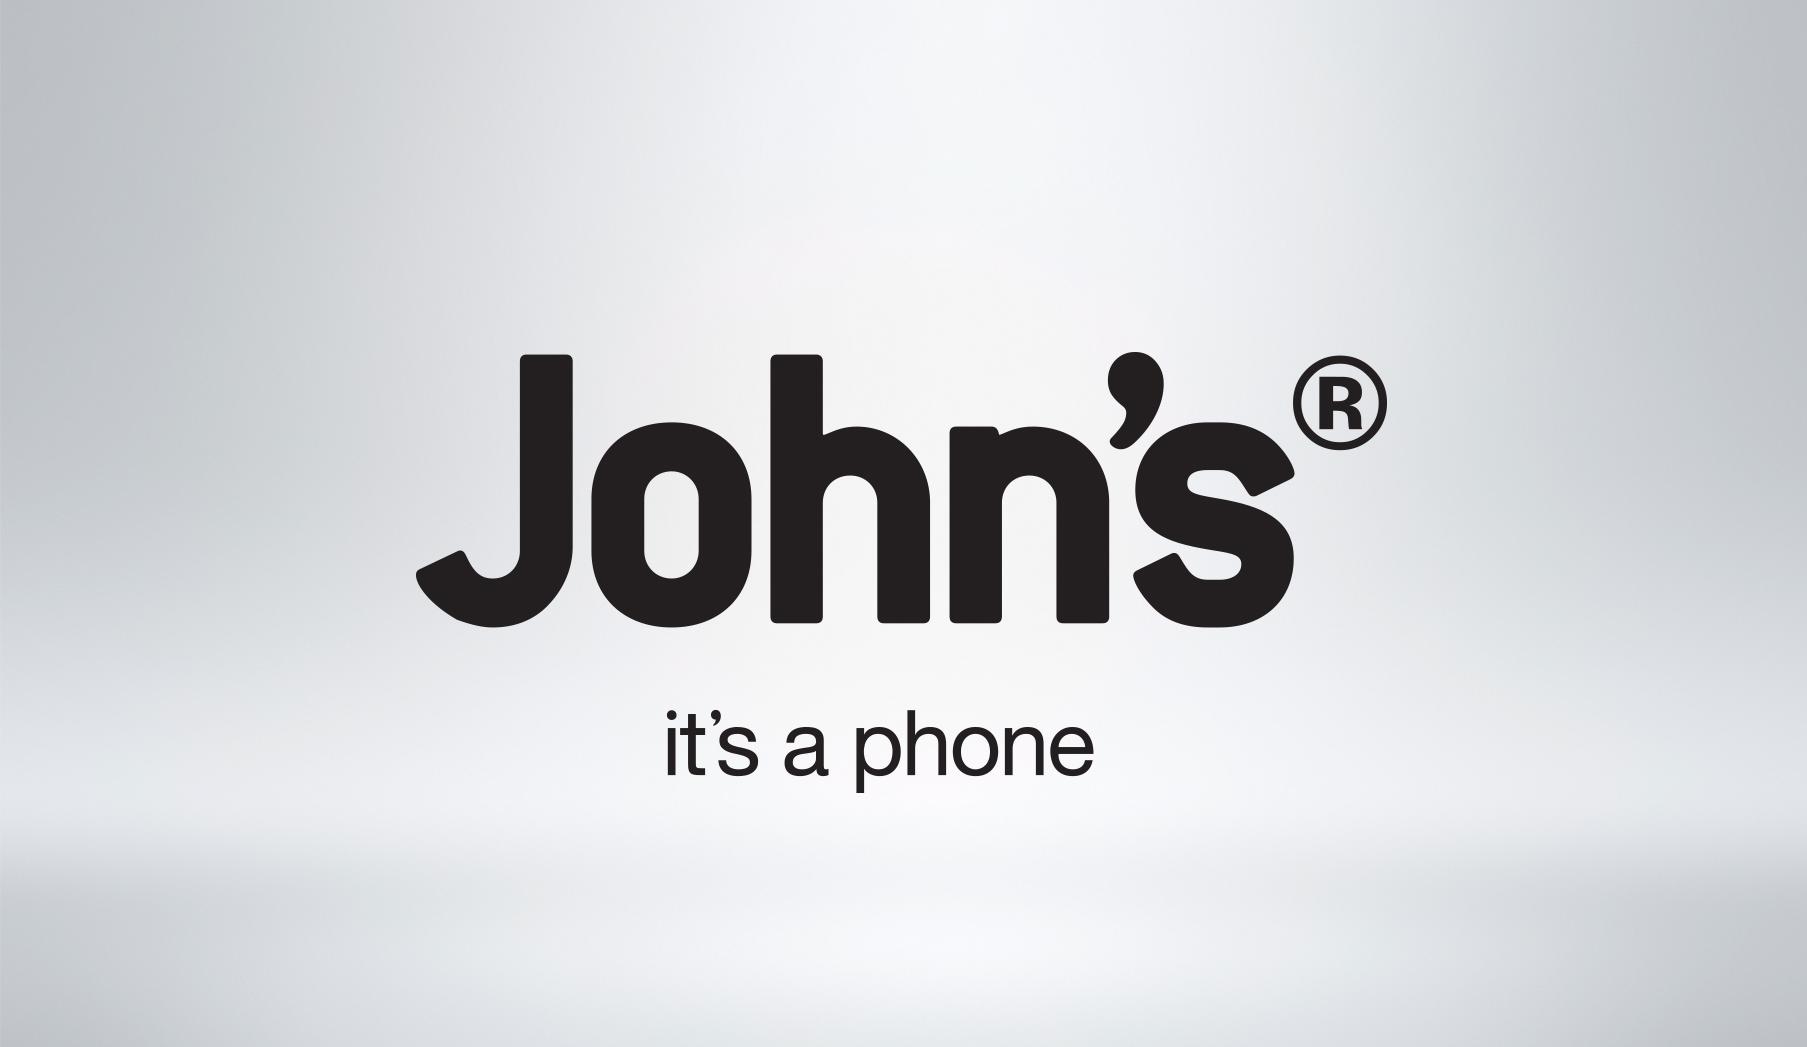 JOHNS PHONE LOGO